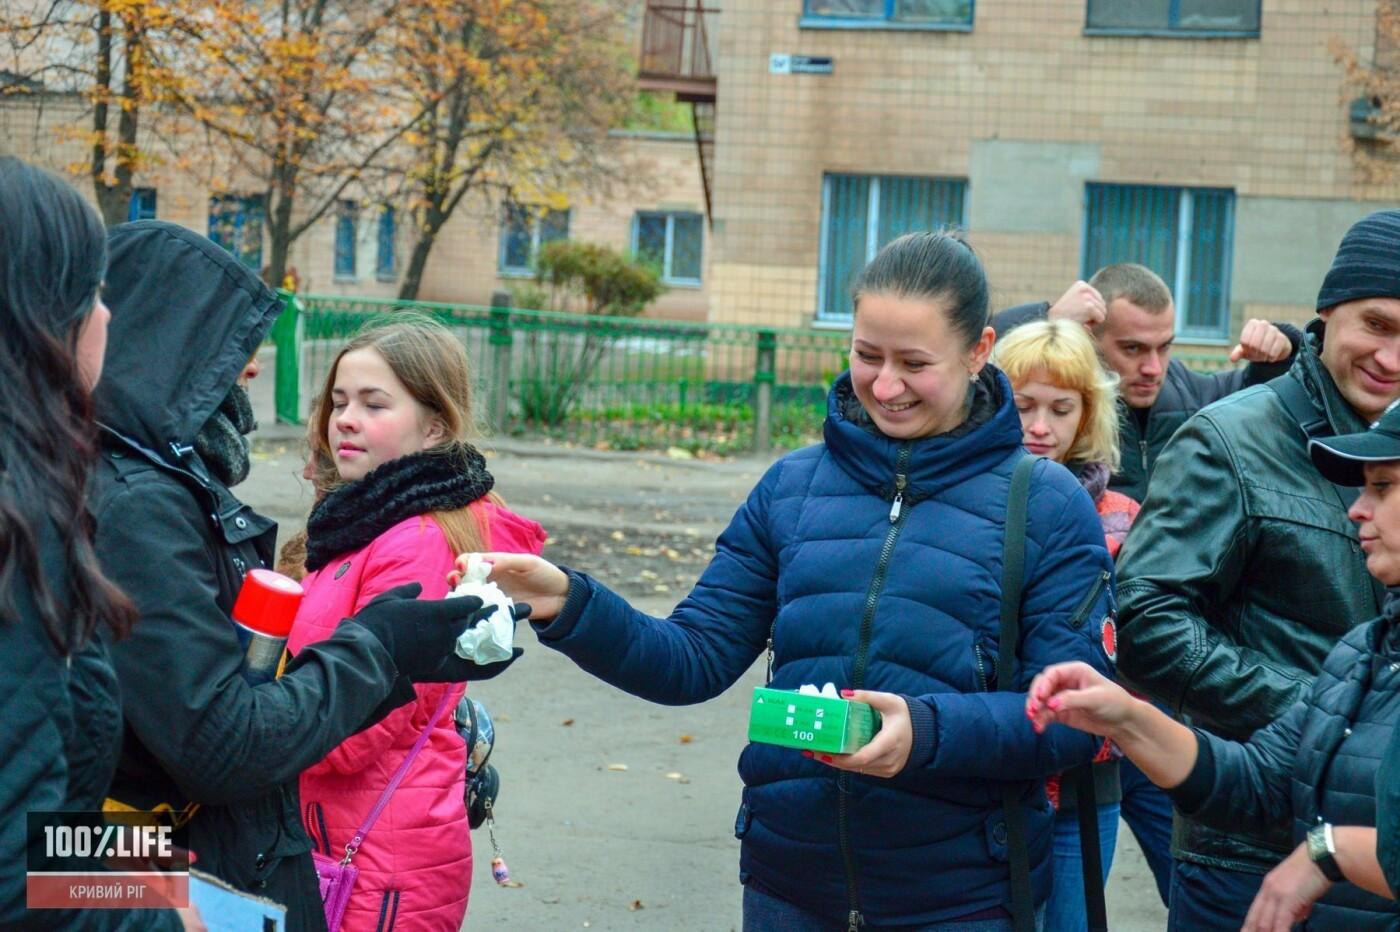 Криворожские подростки вместе с копами зарисовывали незаконную рекламу наркотиков, - ФОТО , фото-11